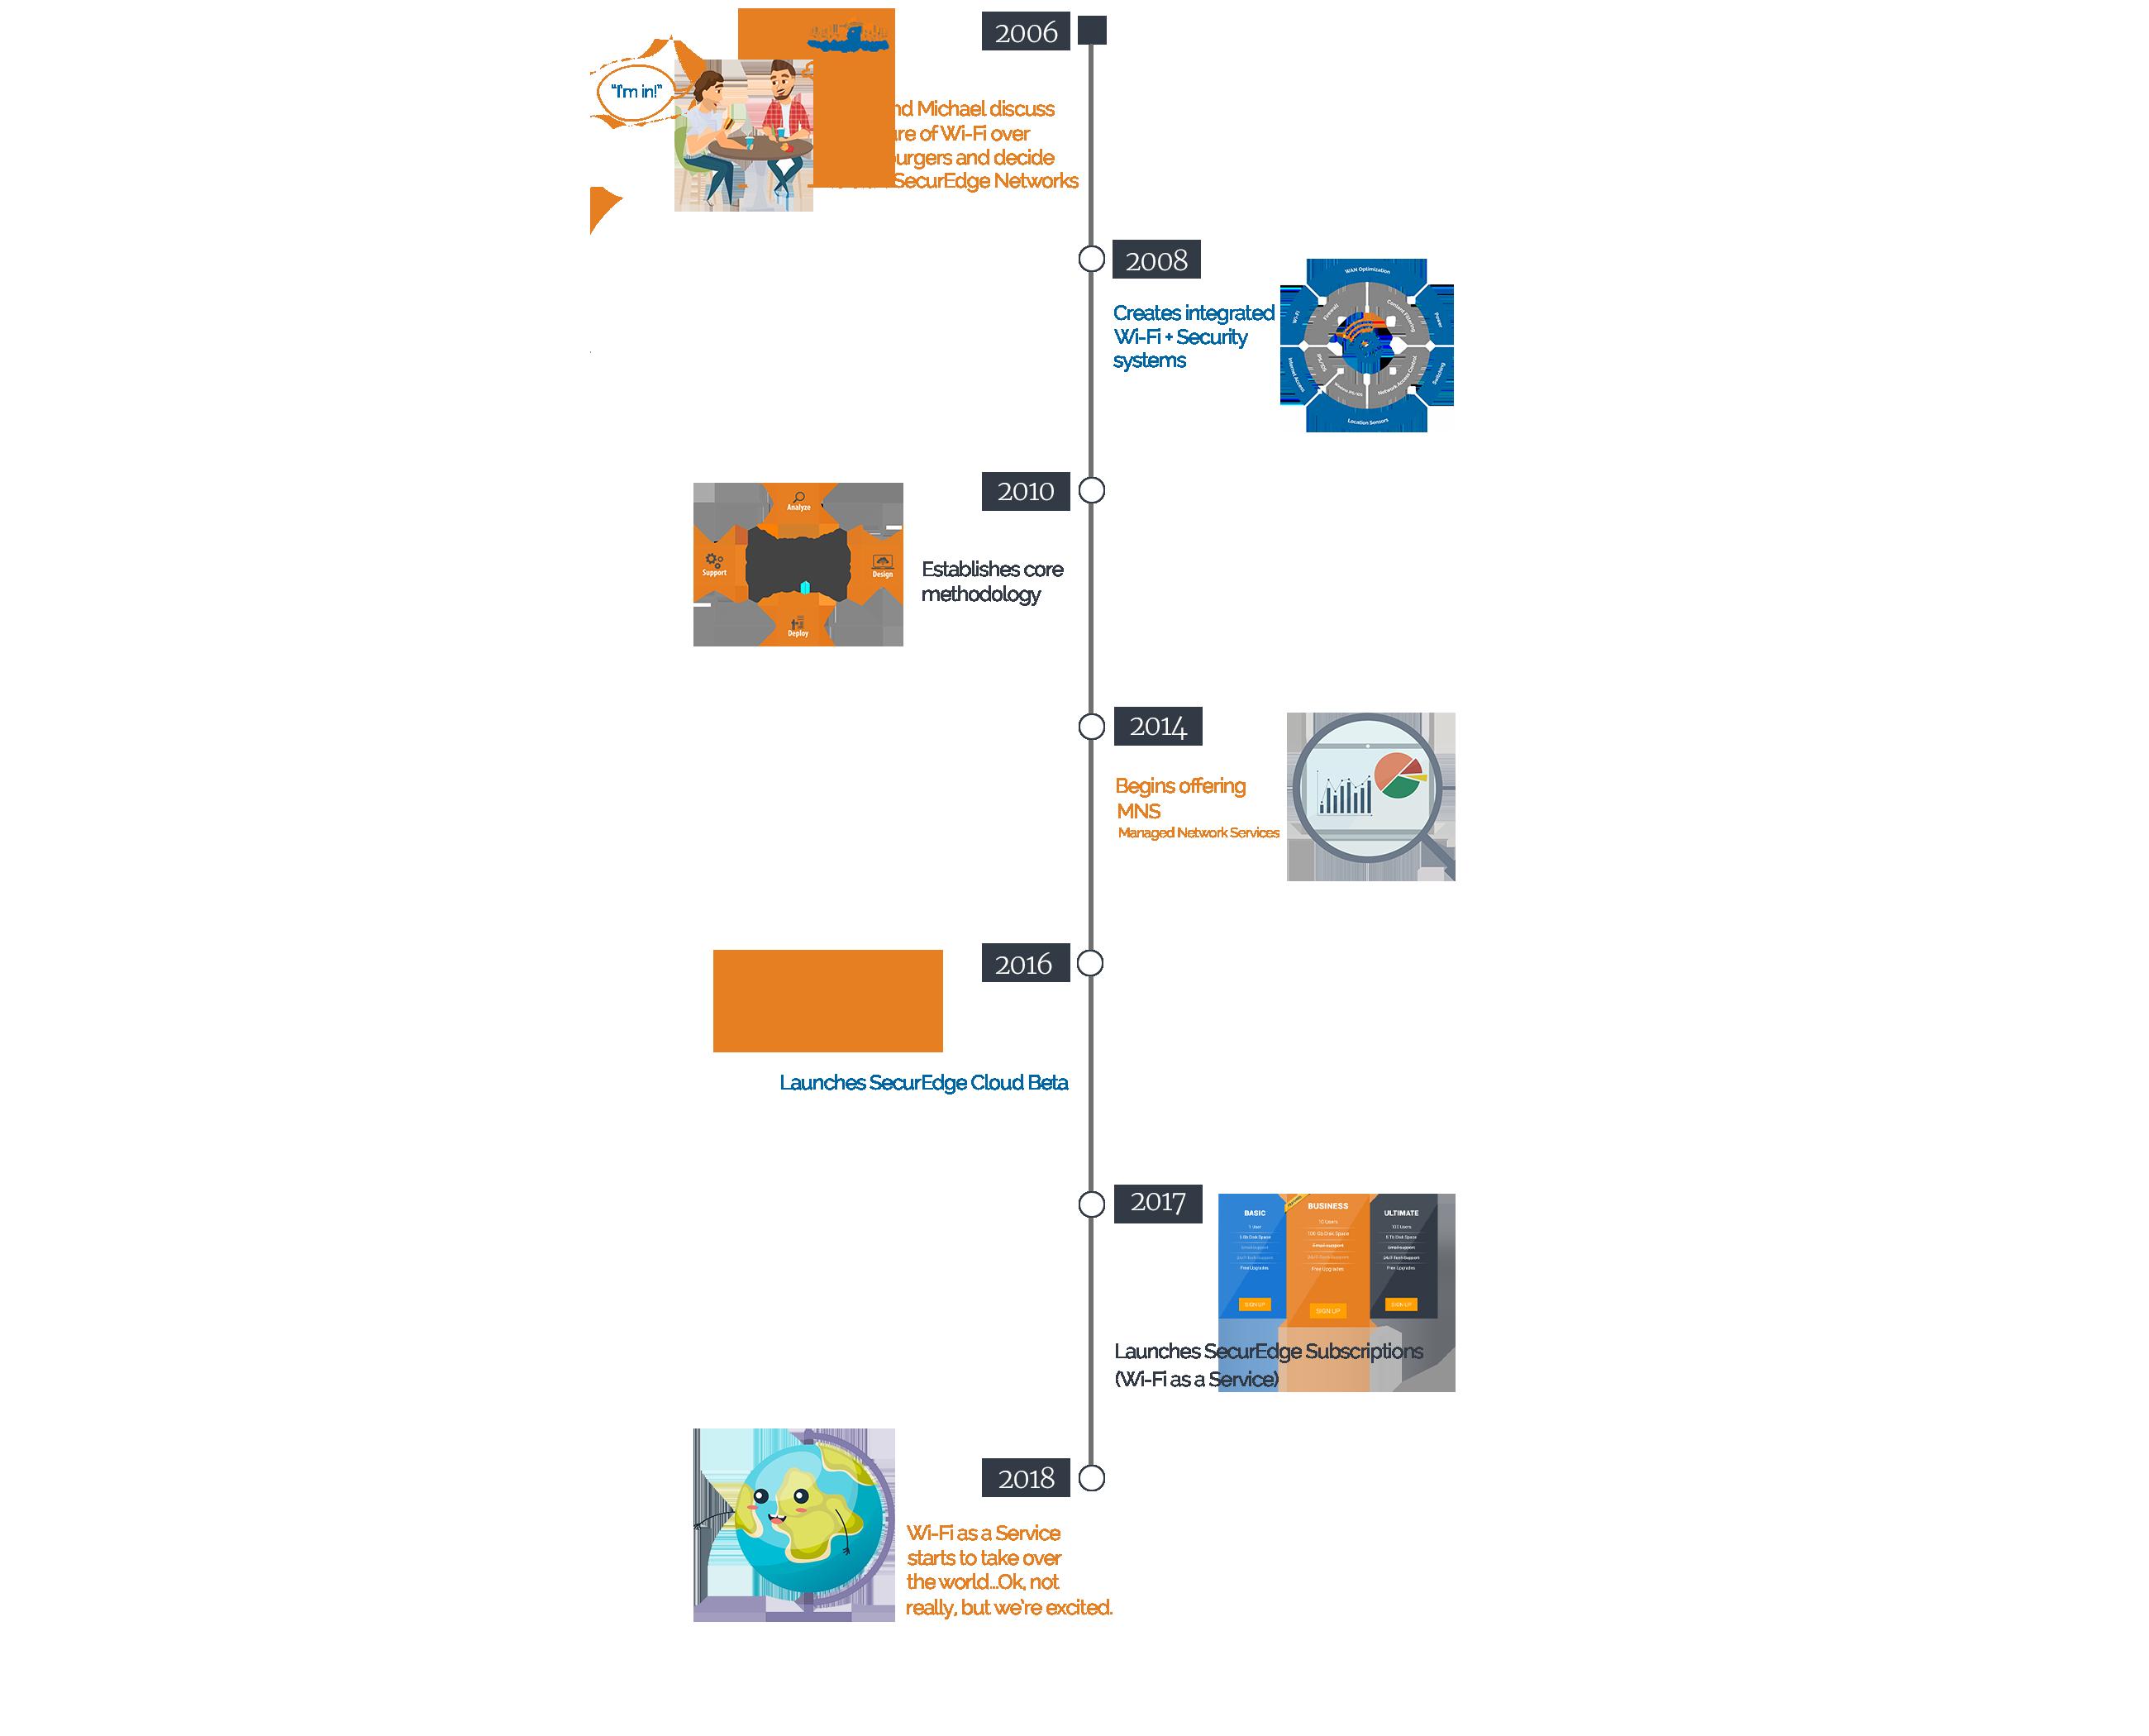 SecurEdge-Networks-CompanyTimeline.png